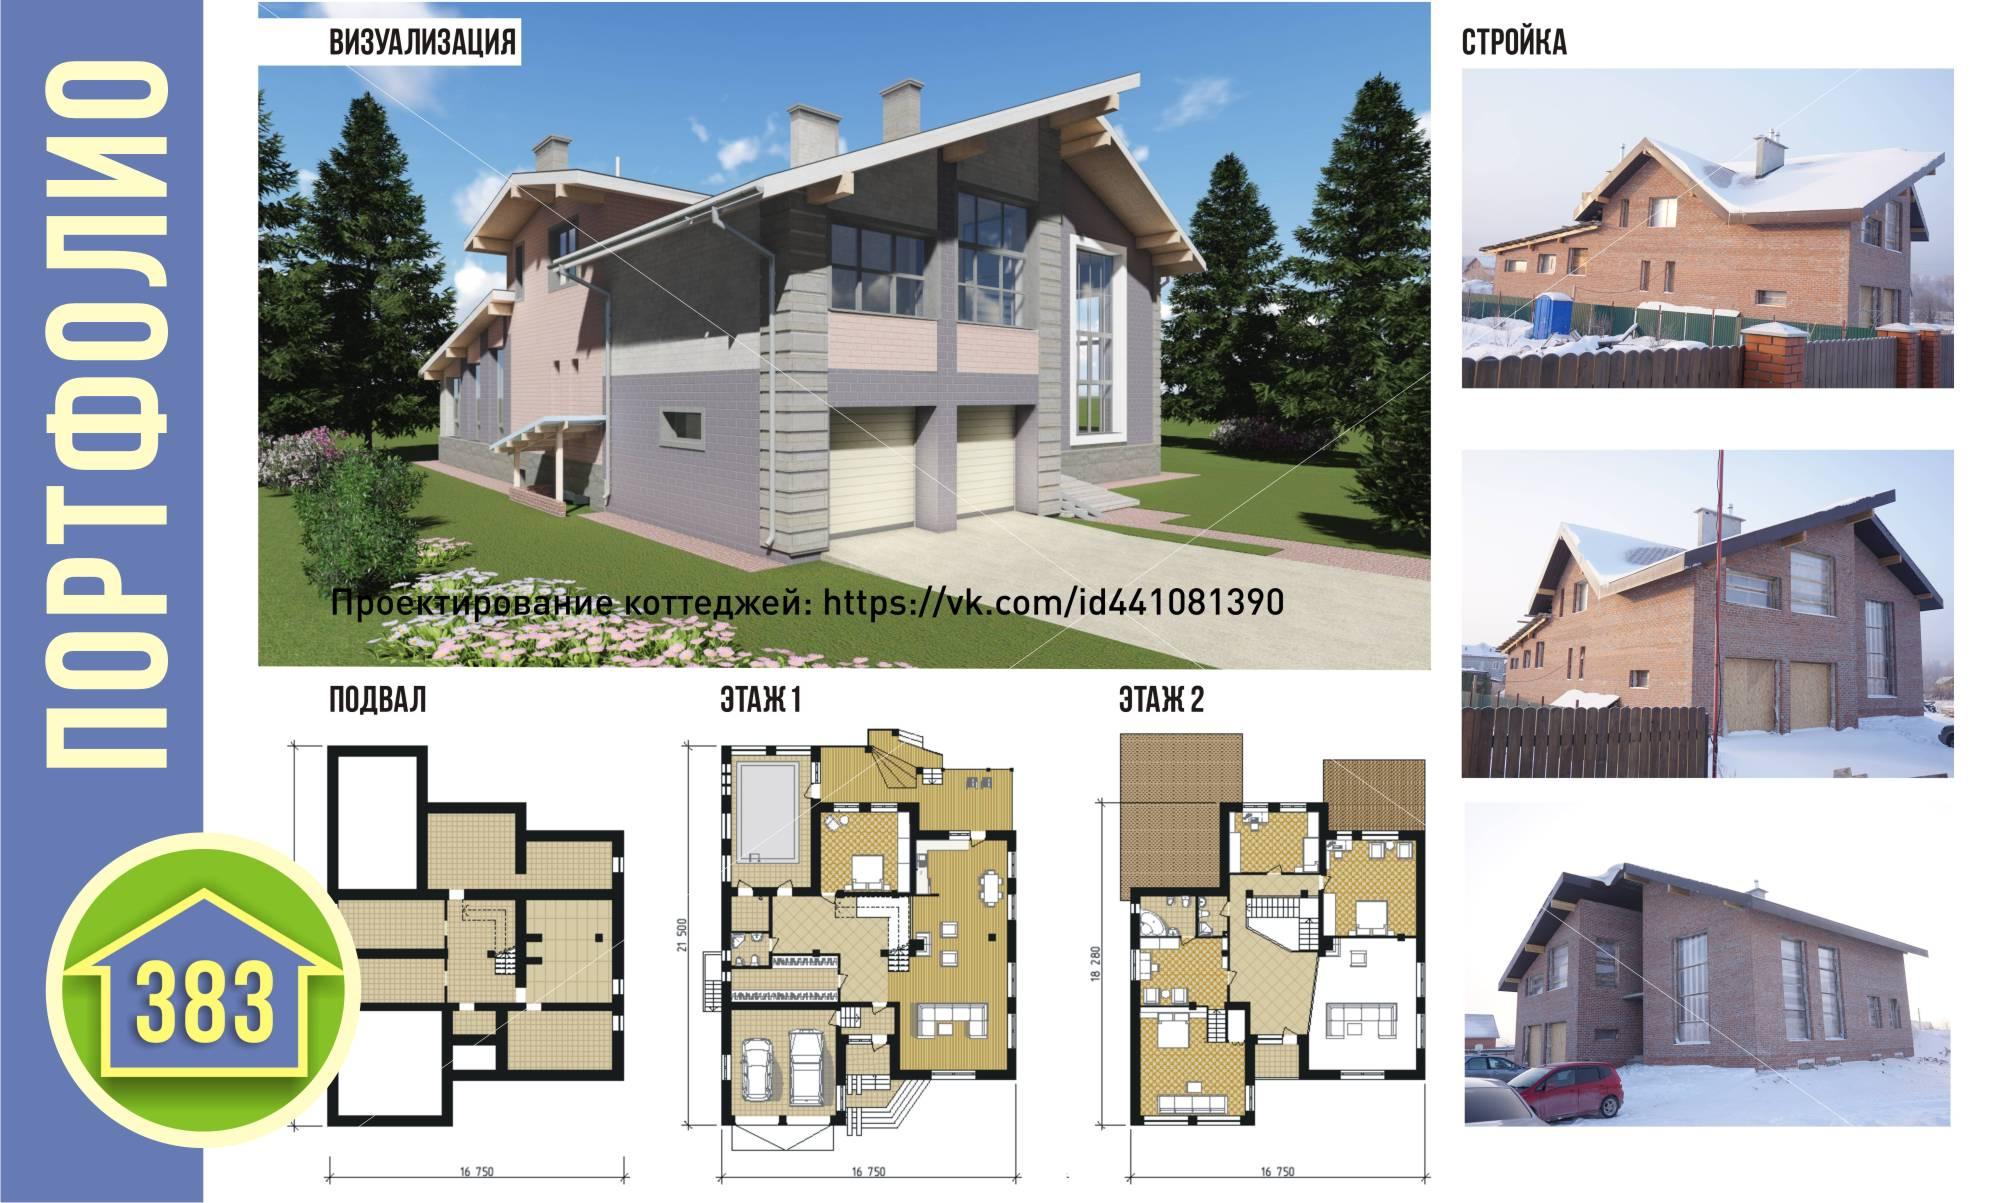 Большой кирпичный дом с двускатной кровлей + Стройка